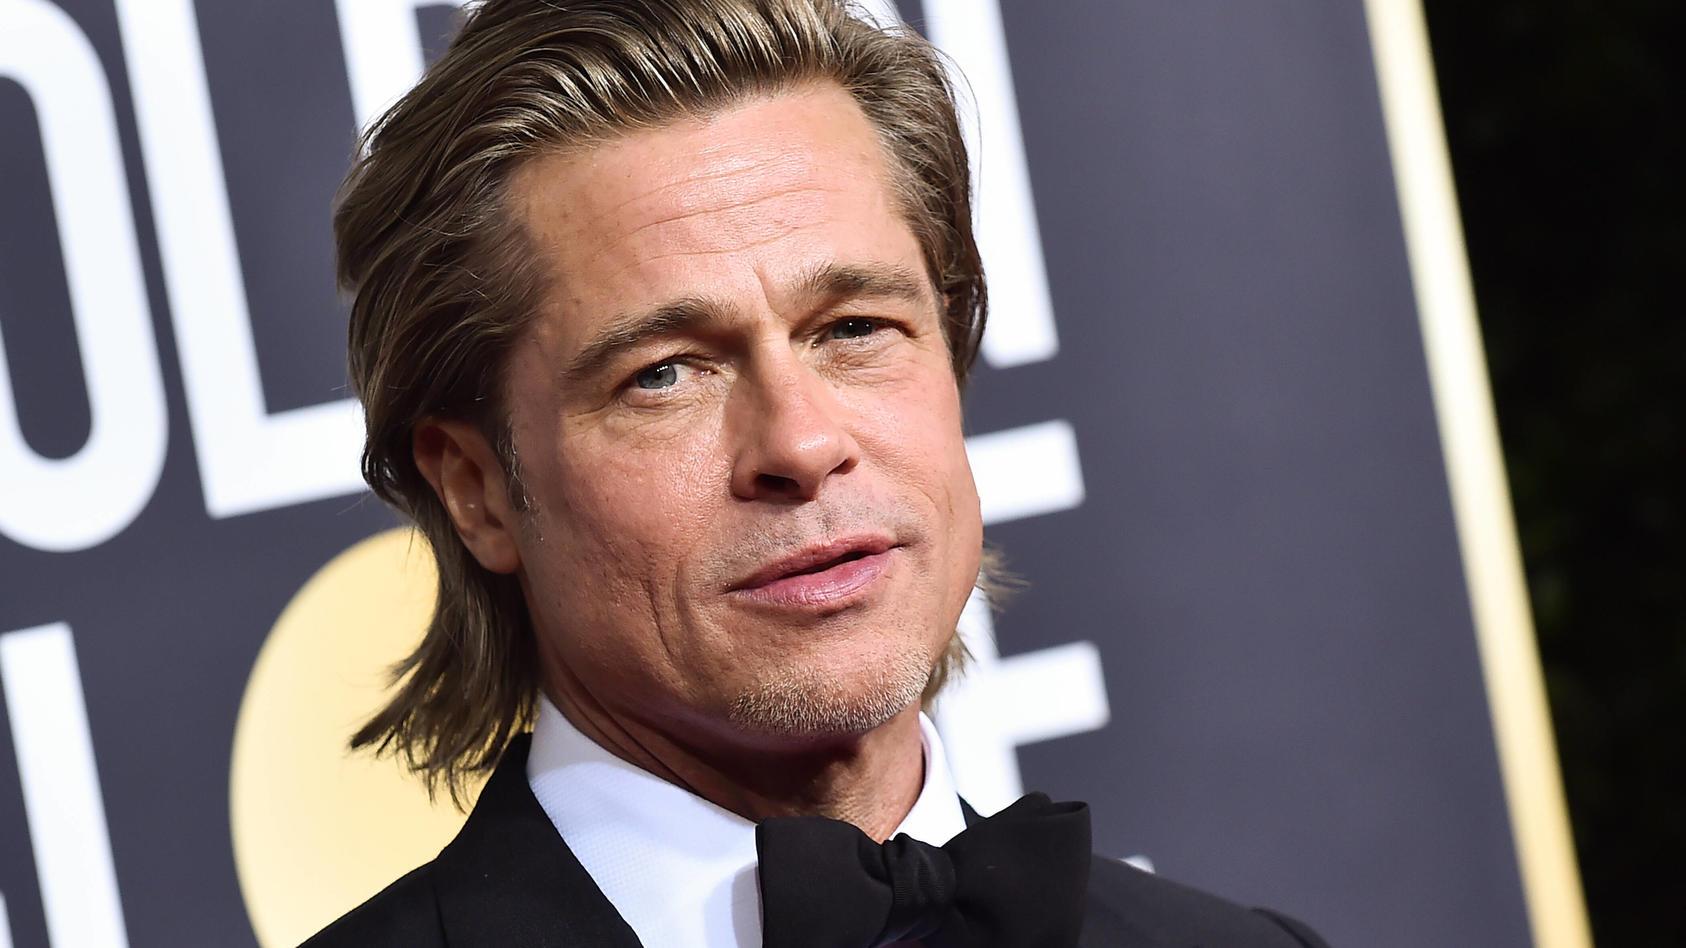 Brad Pitt bekommt trotz Corona-Krise Besuch von seiner schönen Kollegin Alia Shawkat